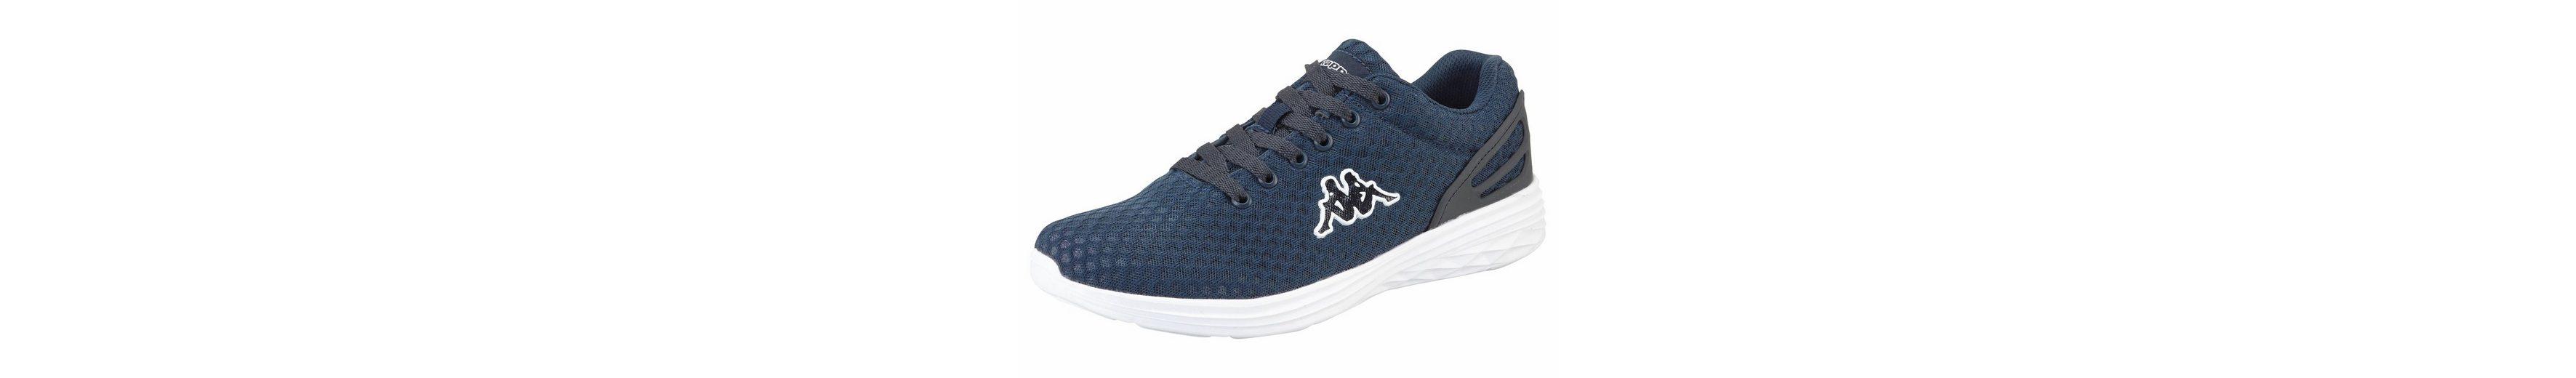 Kaufen Günstig Online Kappa Trust 1.2 Sneaker Wo Billige Echte Kaufen Mit Paypal Billig Verkauf Footlocker Günstig Kaufen Footlocker cXleAqoY